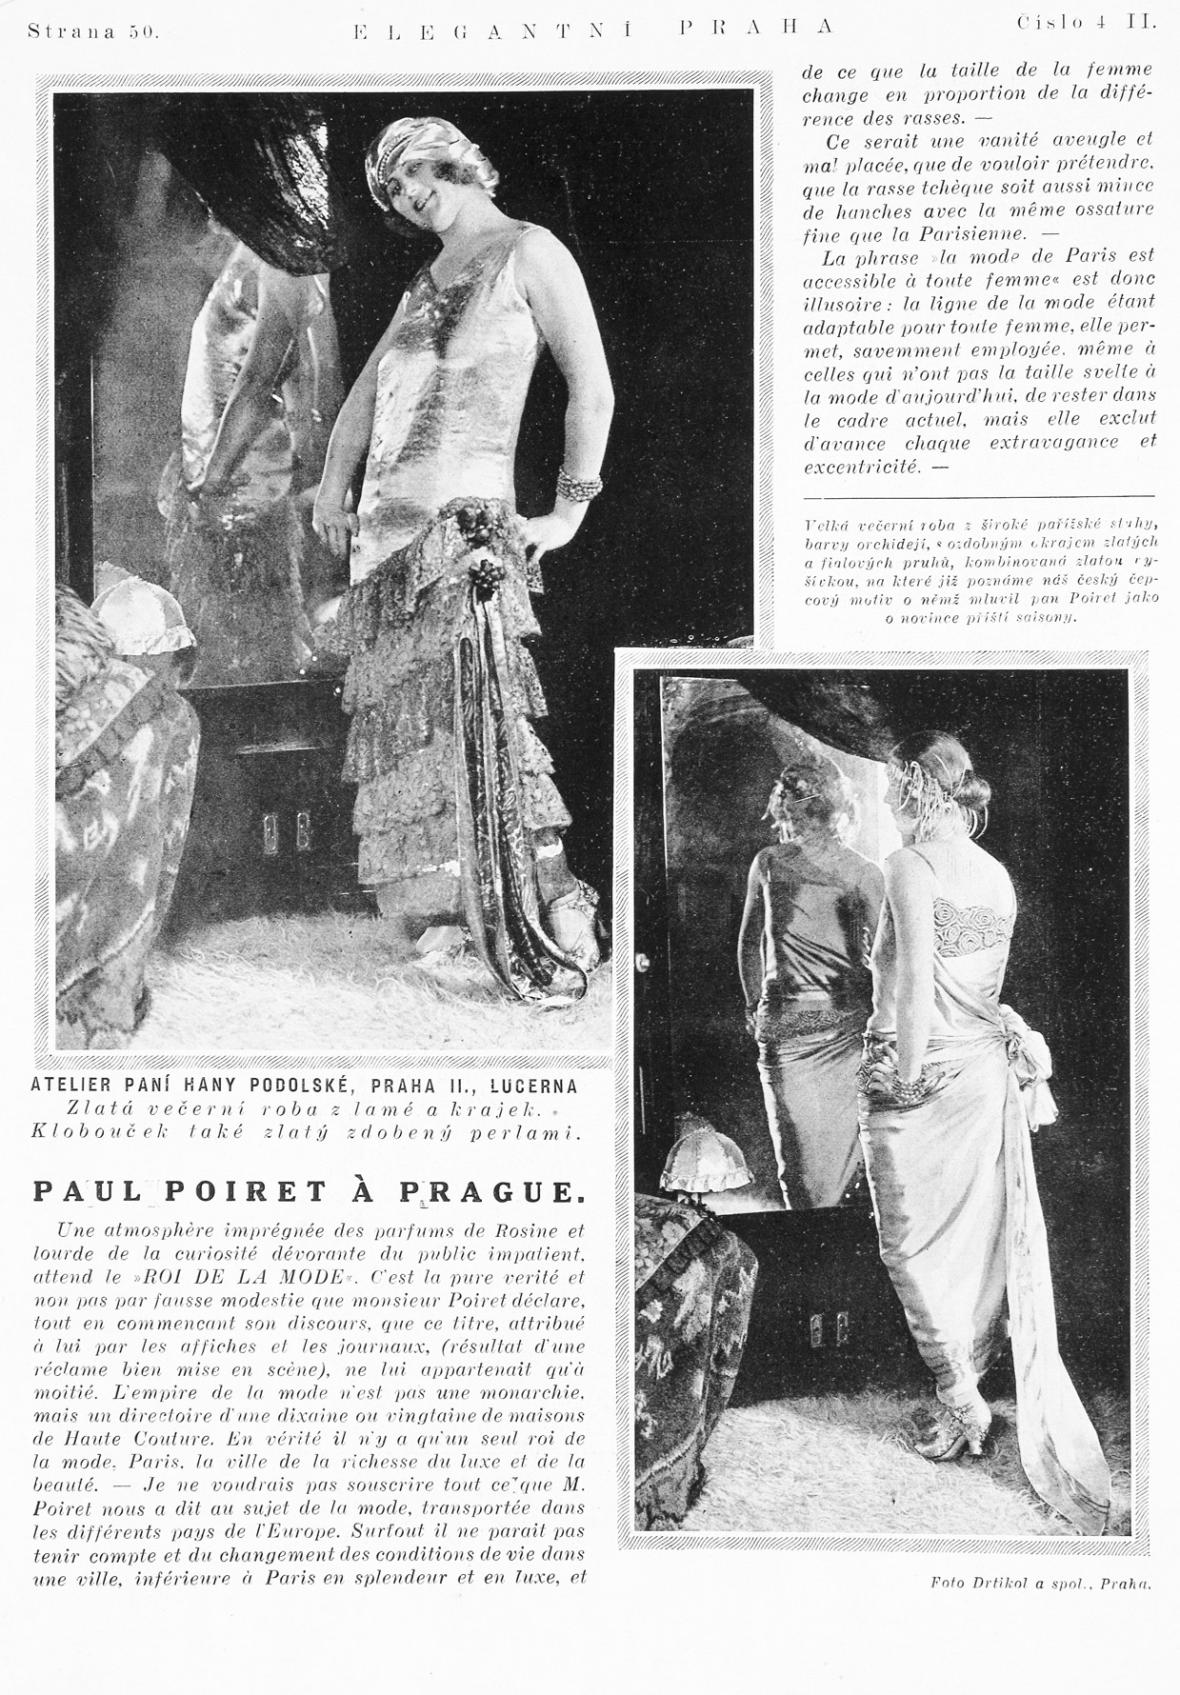 Elegantni Praha II, č. 4, leden 1924, s. 50, fotografie: František Drtikol